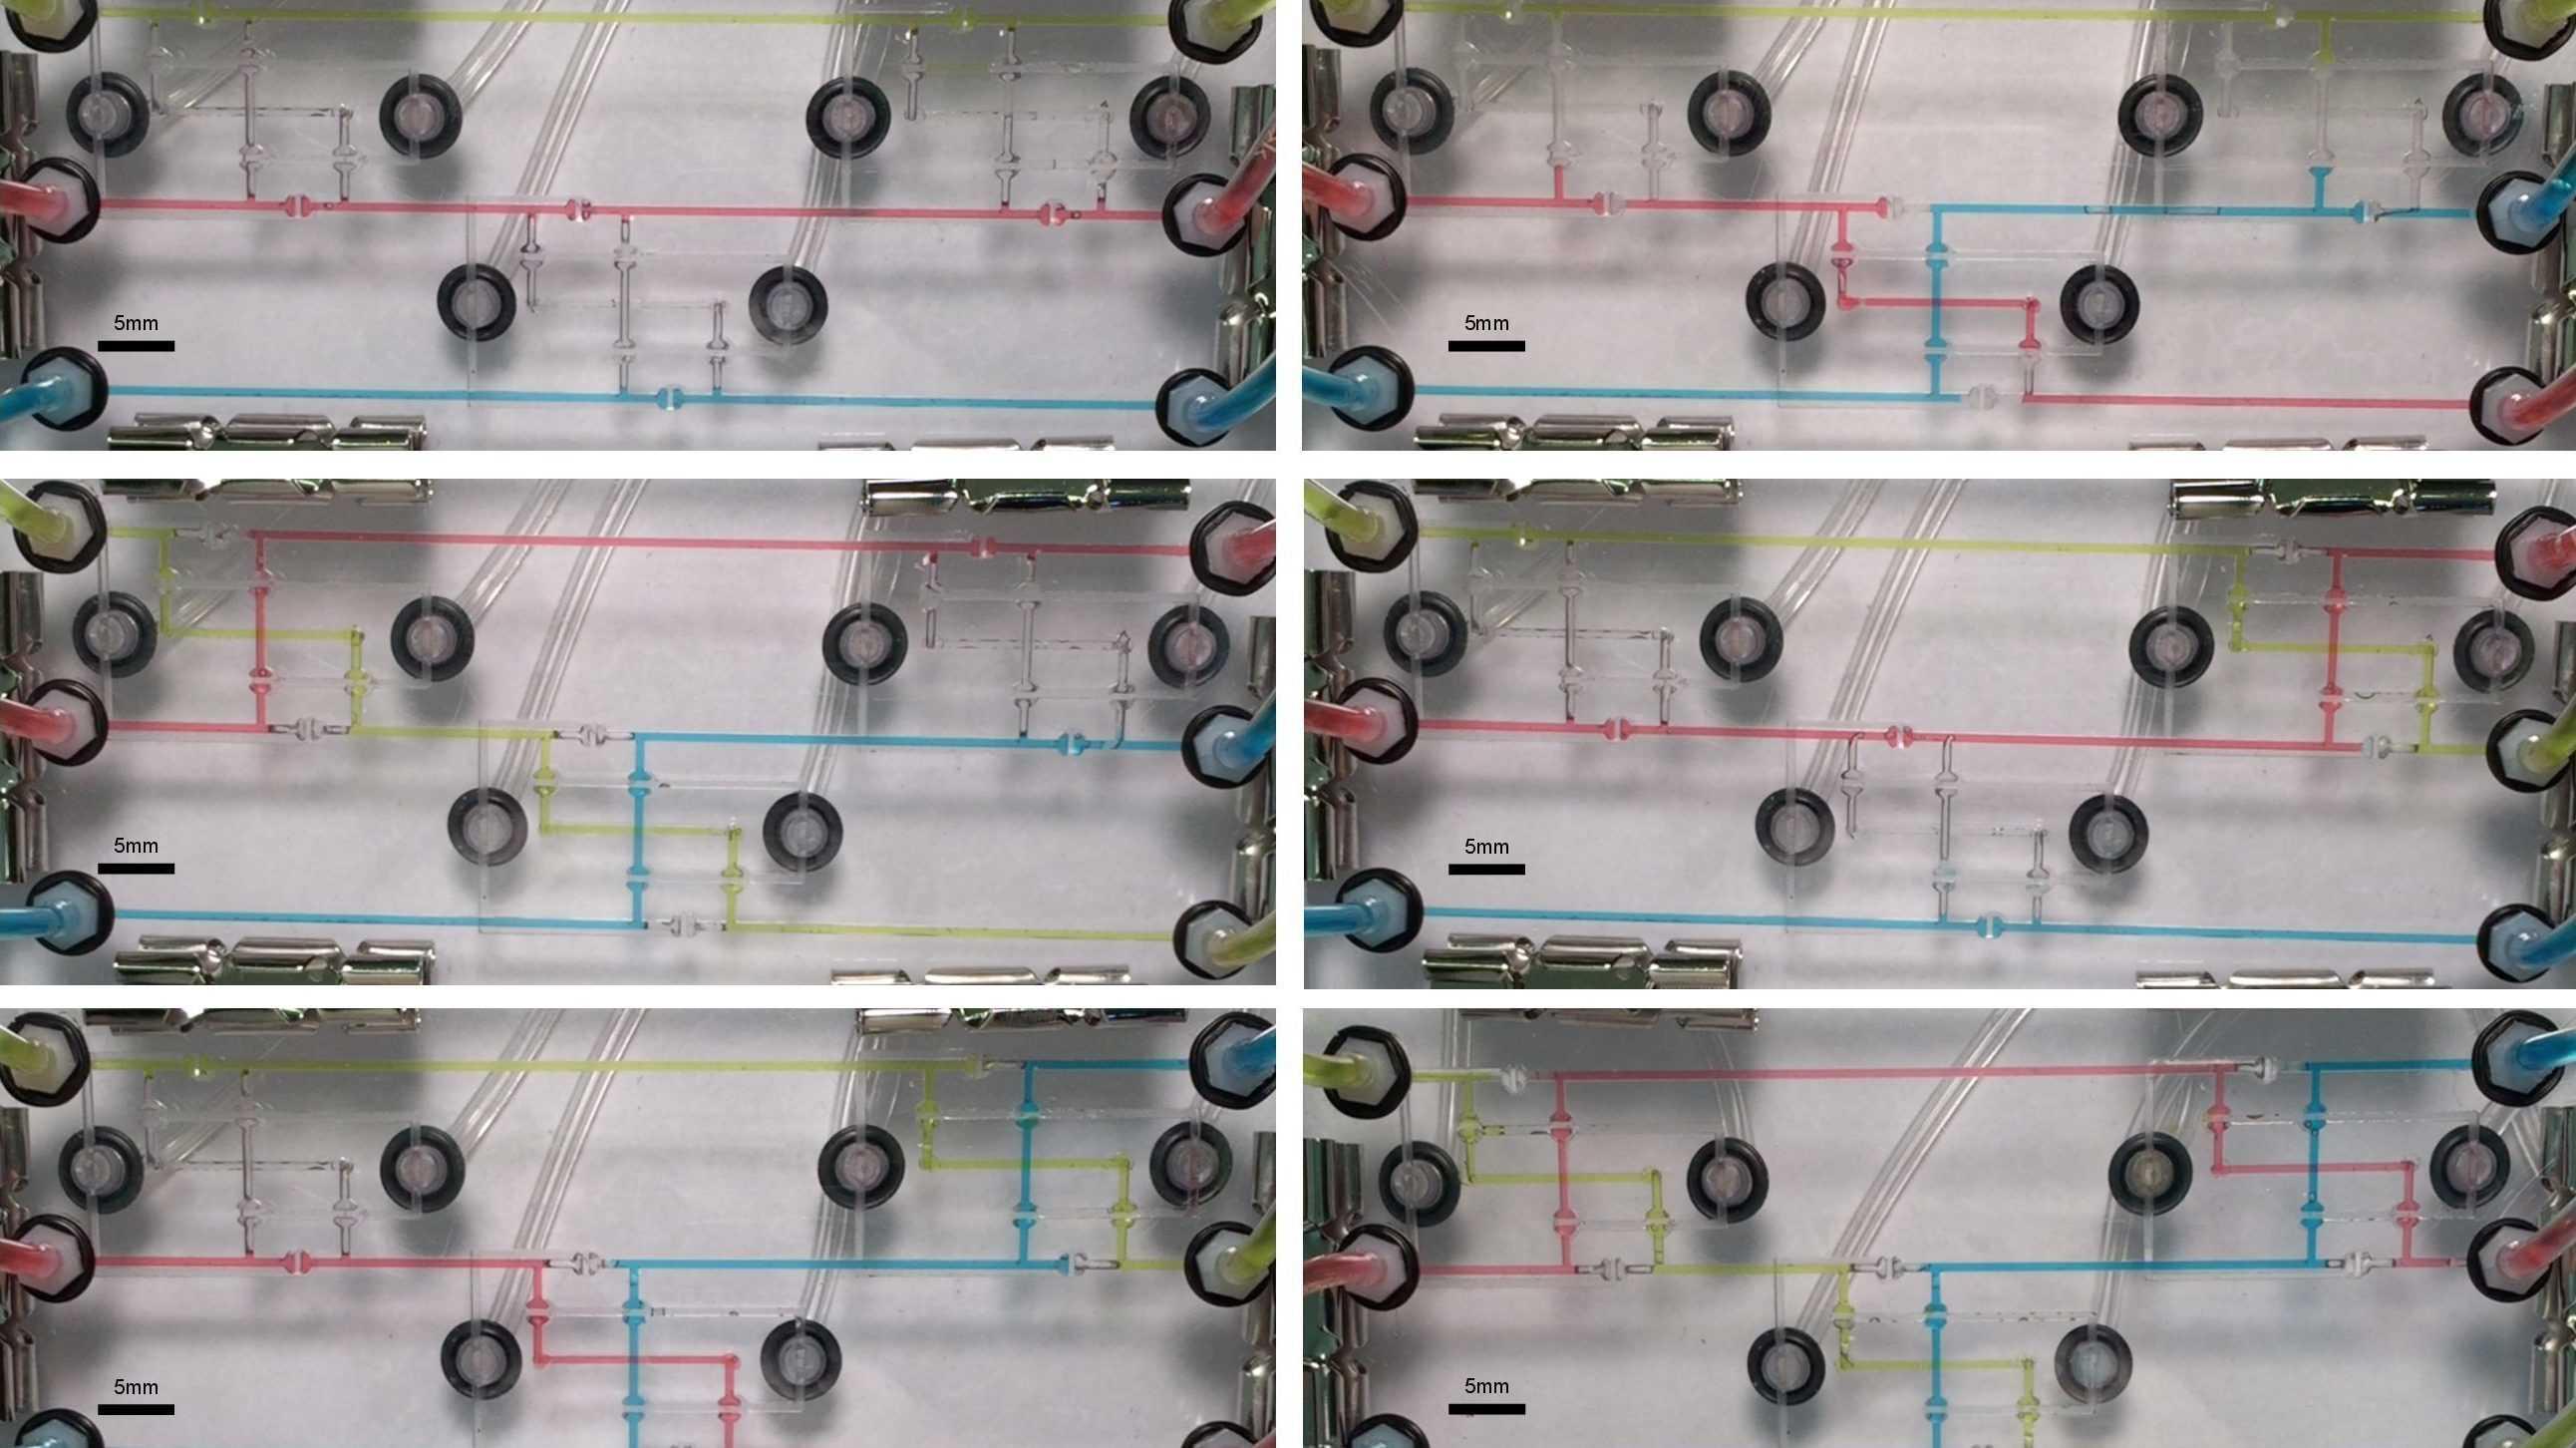 Offenes Repository für Mikrofluidik-Experimente